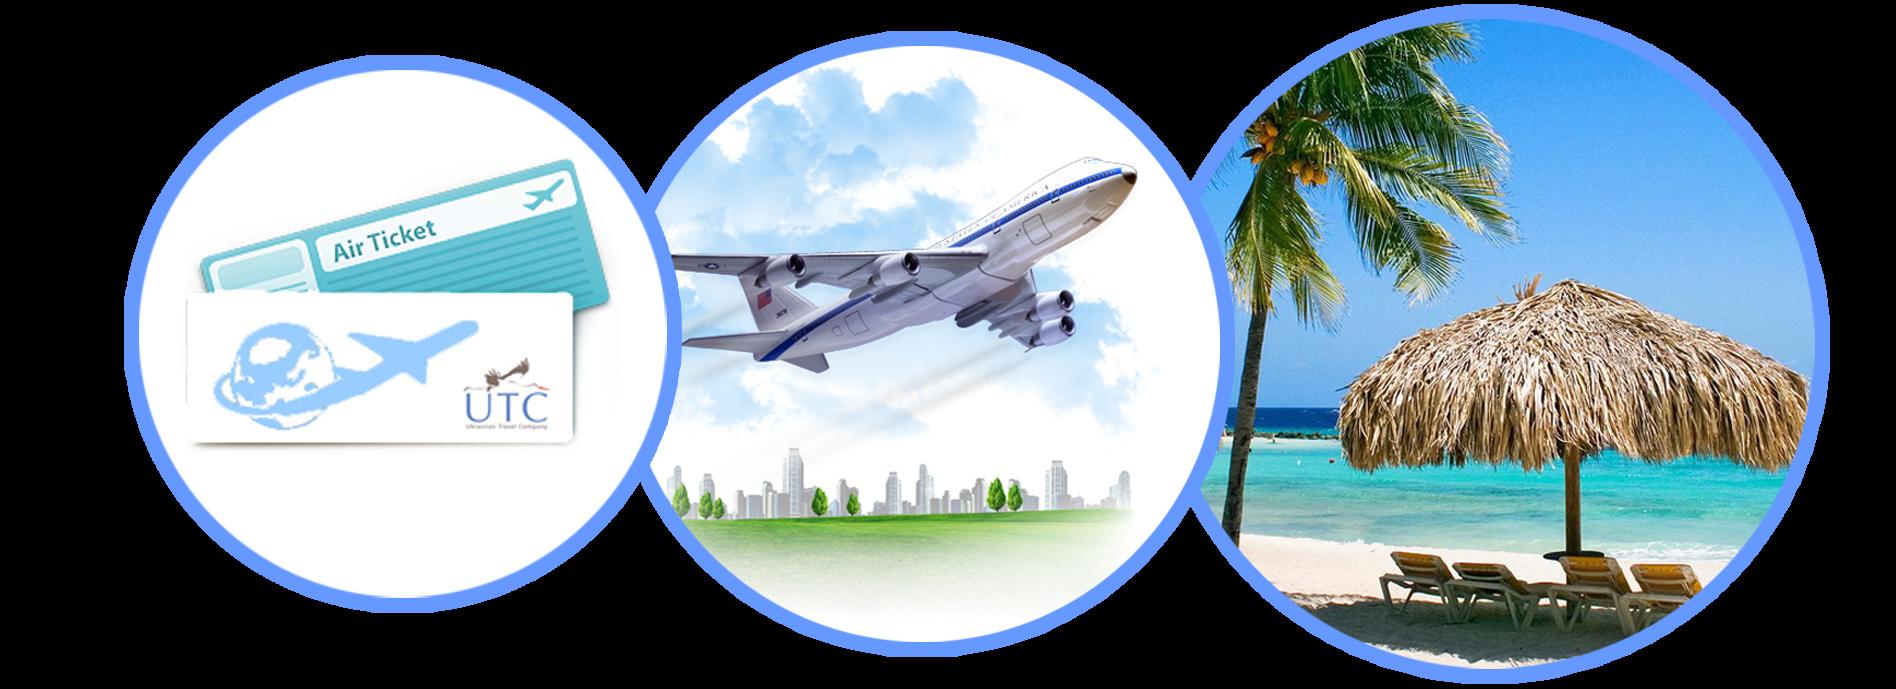 Дешевые авиабилеты. Авиабилеты онлайн. Авиа билеты. Авиа кассы